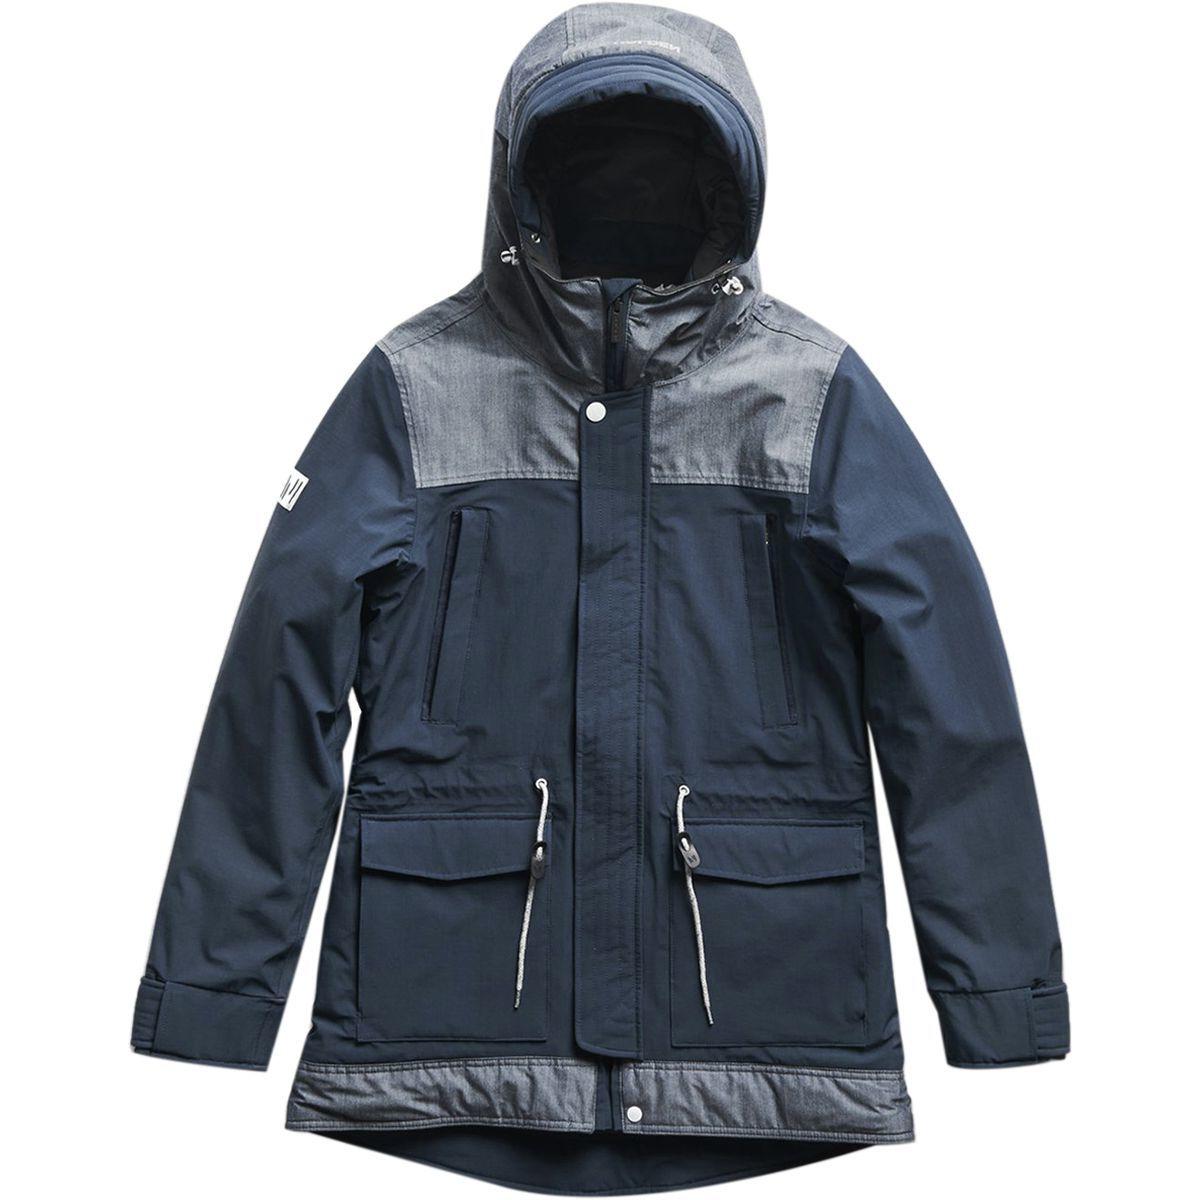 Holden Shelter Jacket - Women's